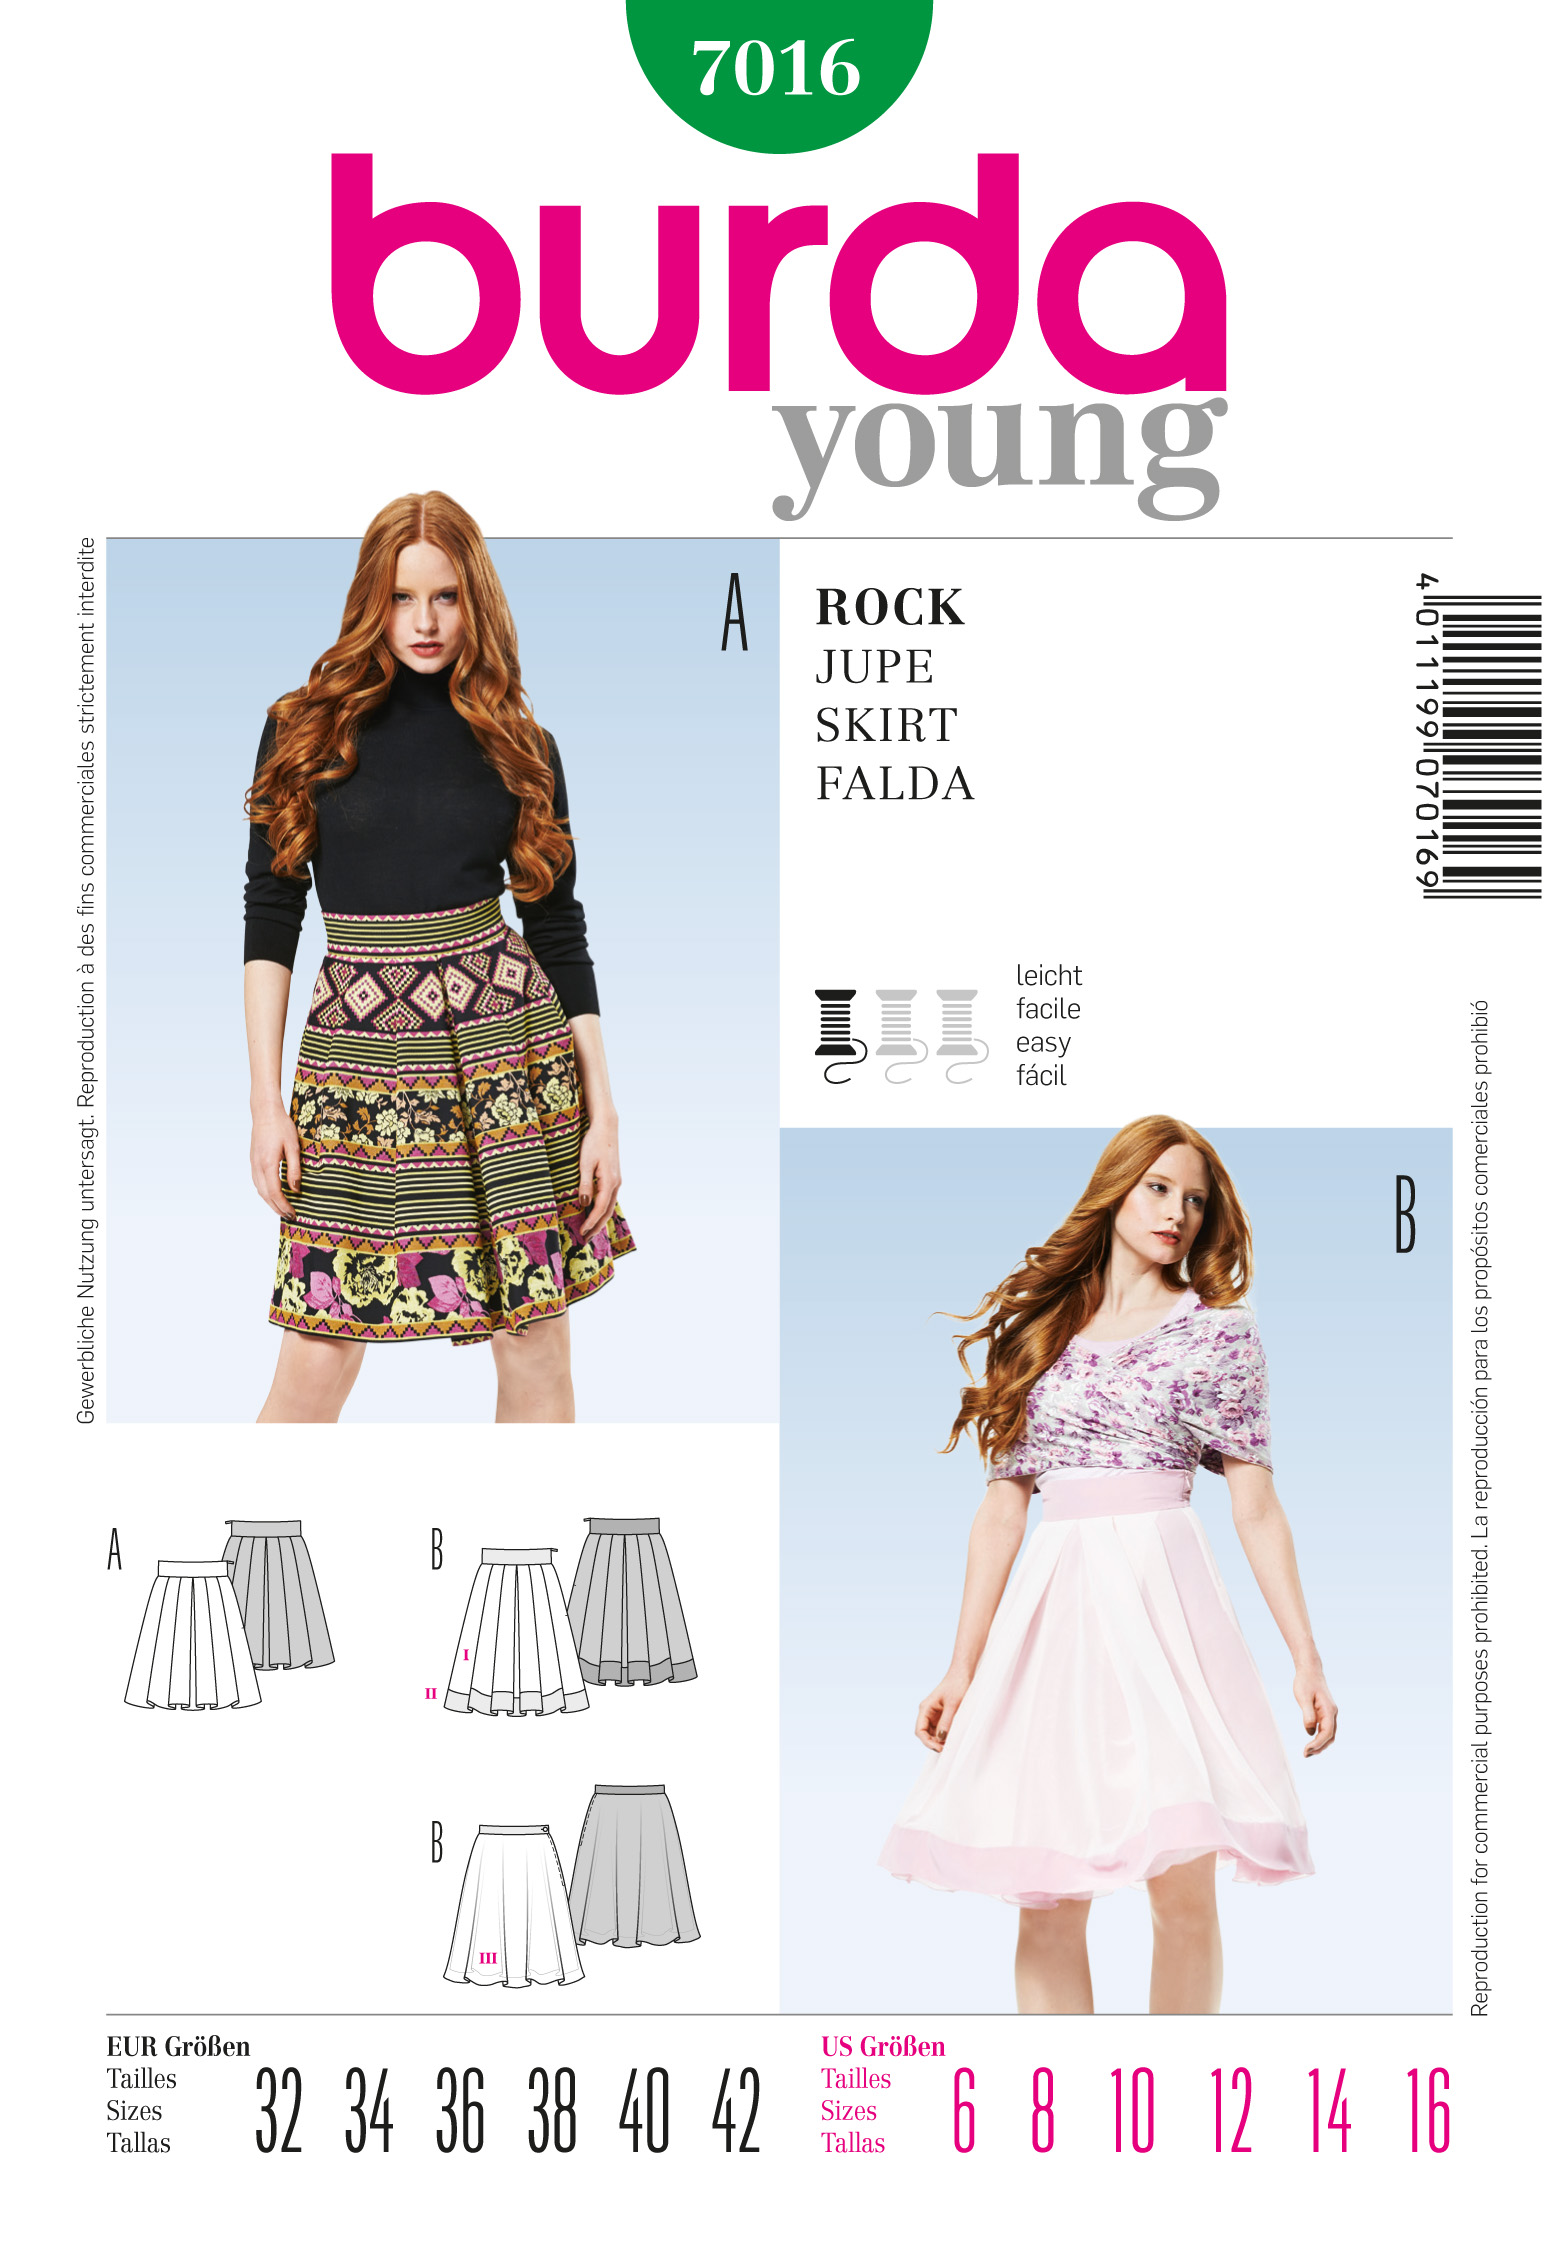 Burda Skirt 7016